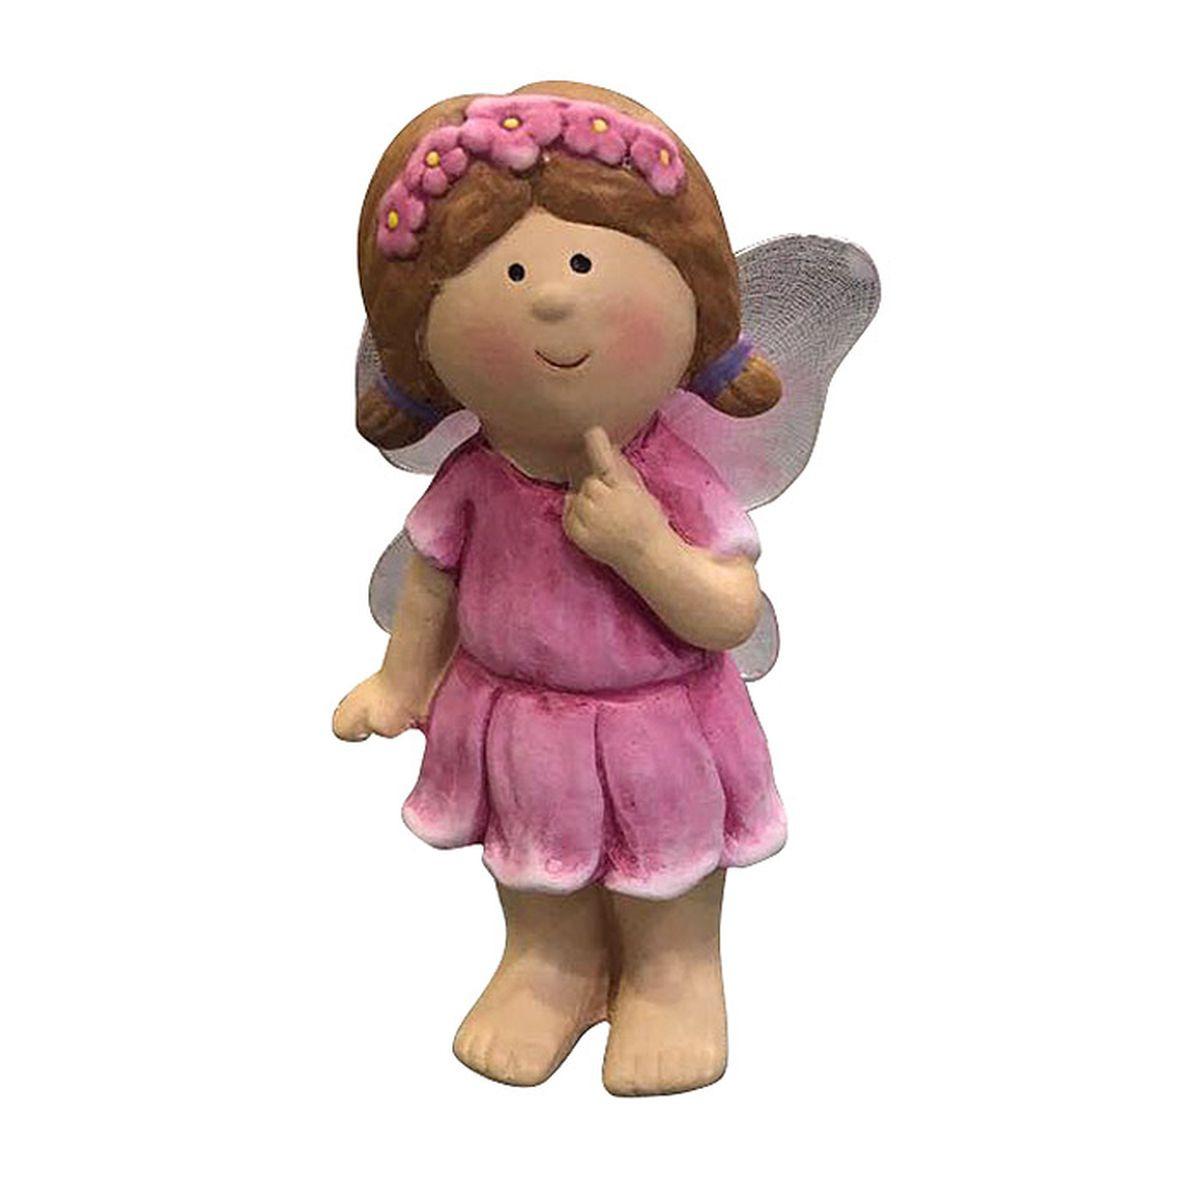 Фигурка декоративная Village People Задумчивая фея, розовый, 17 х 5 х 5 см цены онлайн